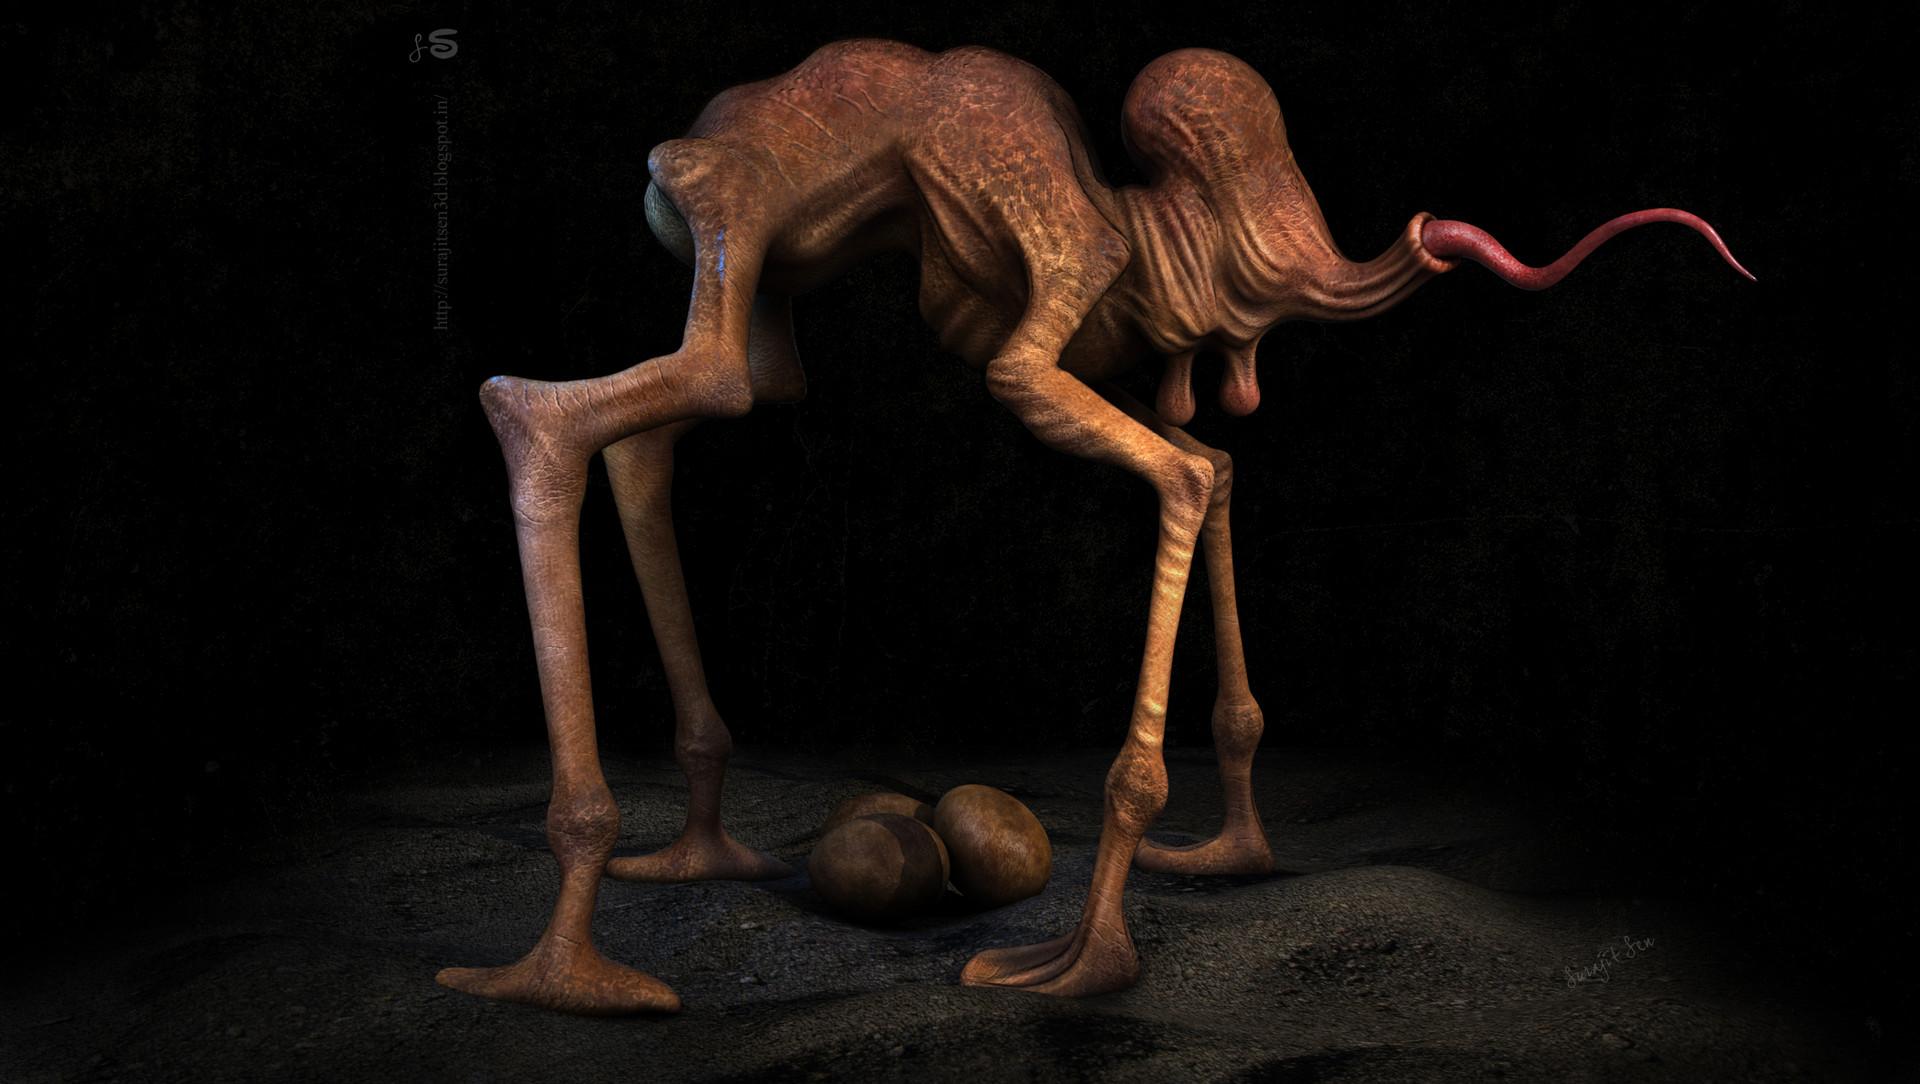 Surajit sen creature by surajitsen 12032018